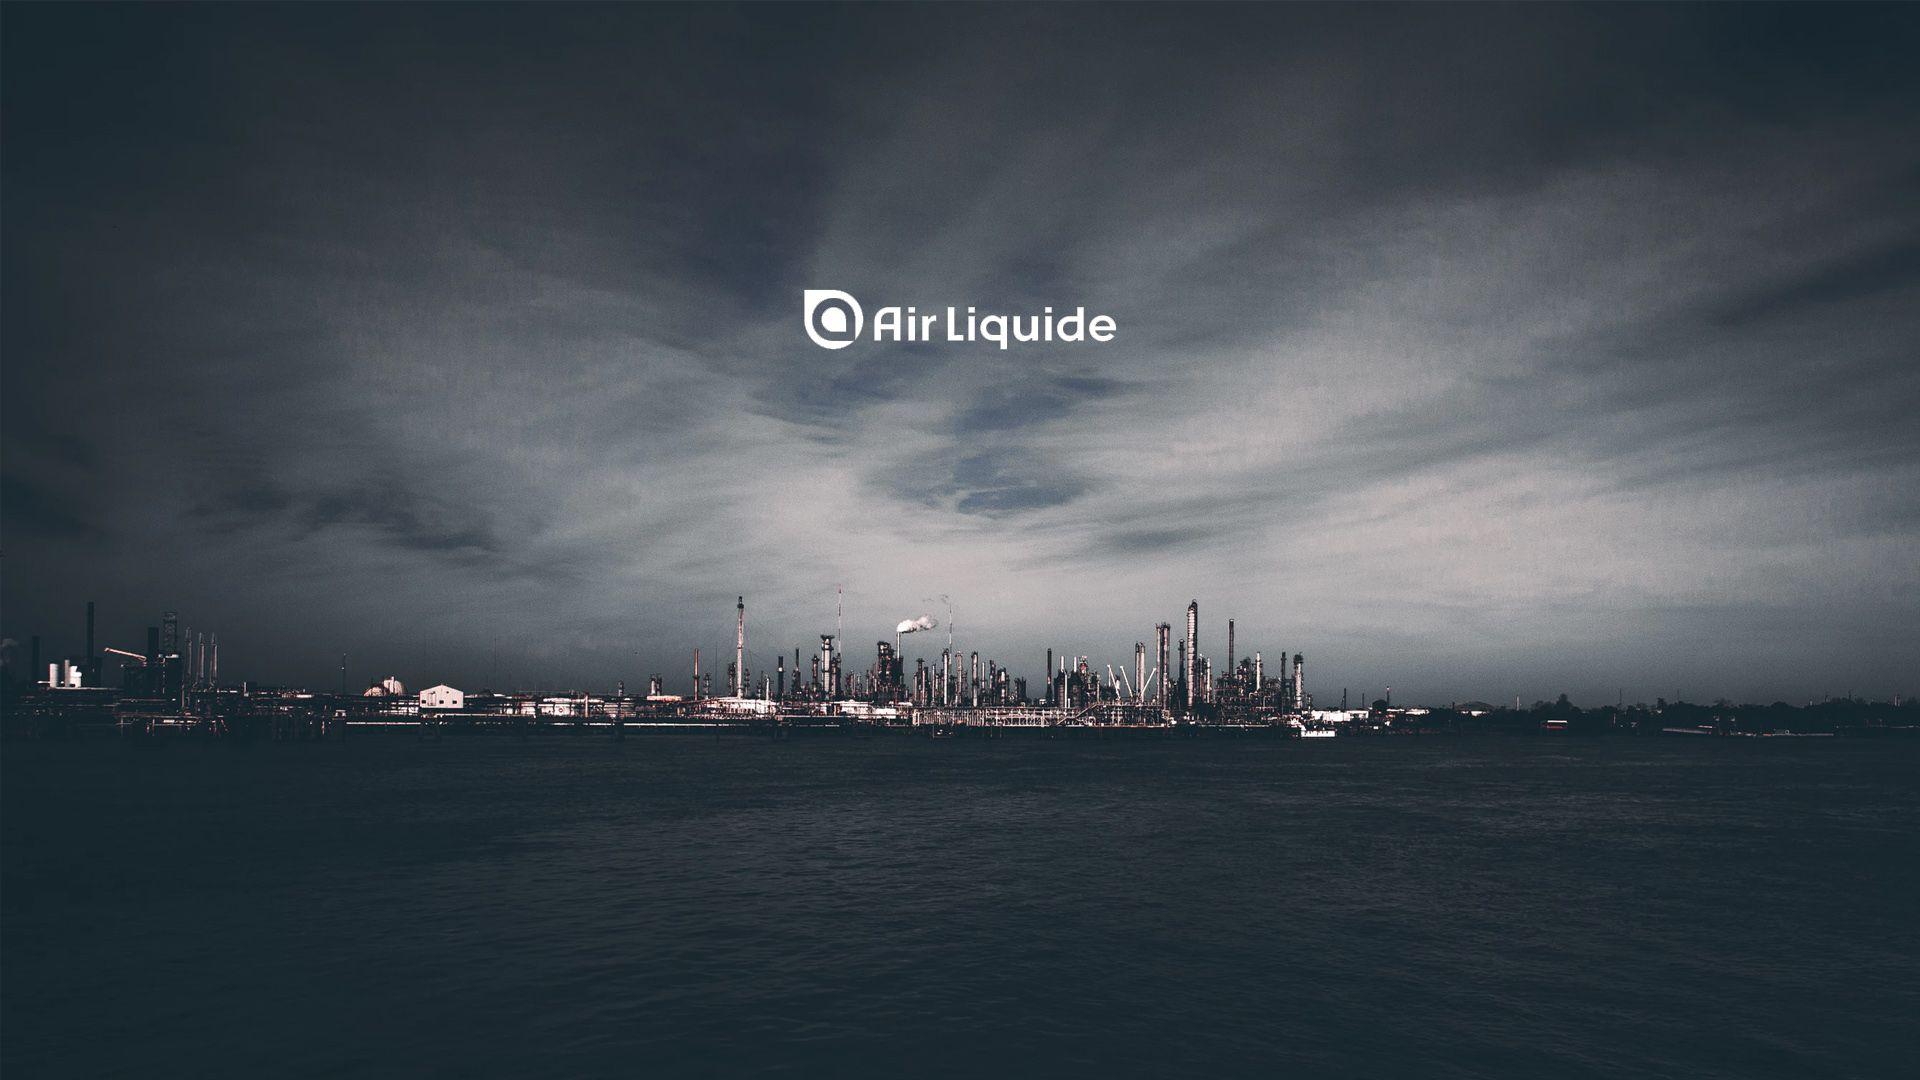 <span>Air Liquide - Développement d'outils digitaux</span>